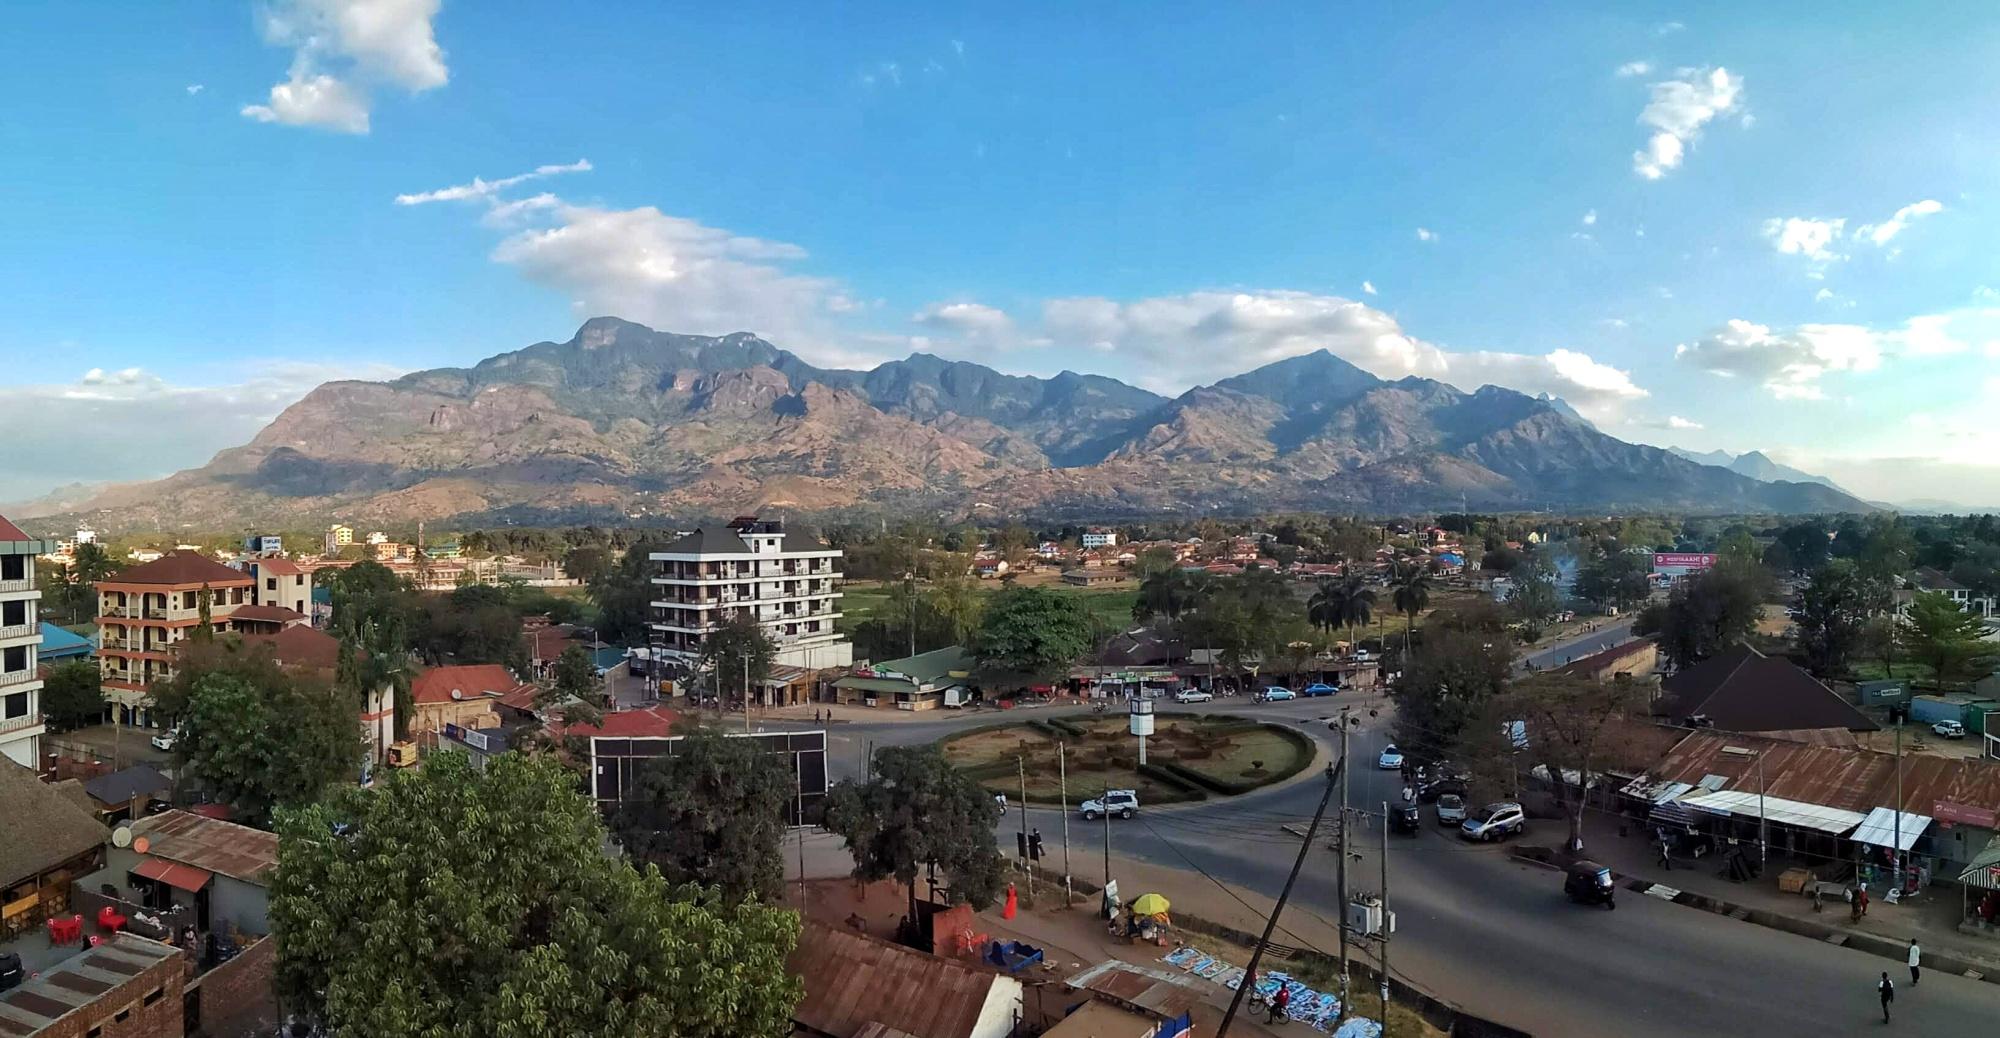 Panoramic view of Morogoro